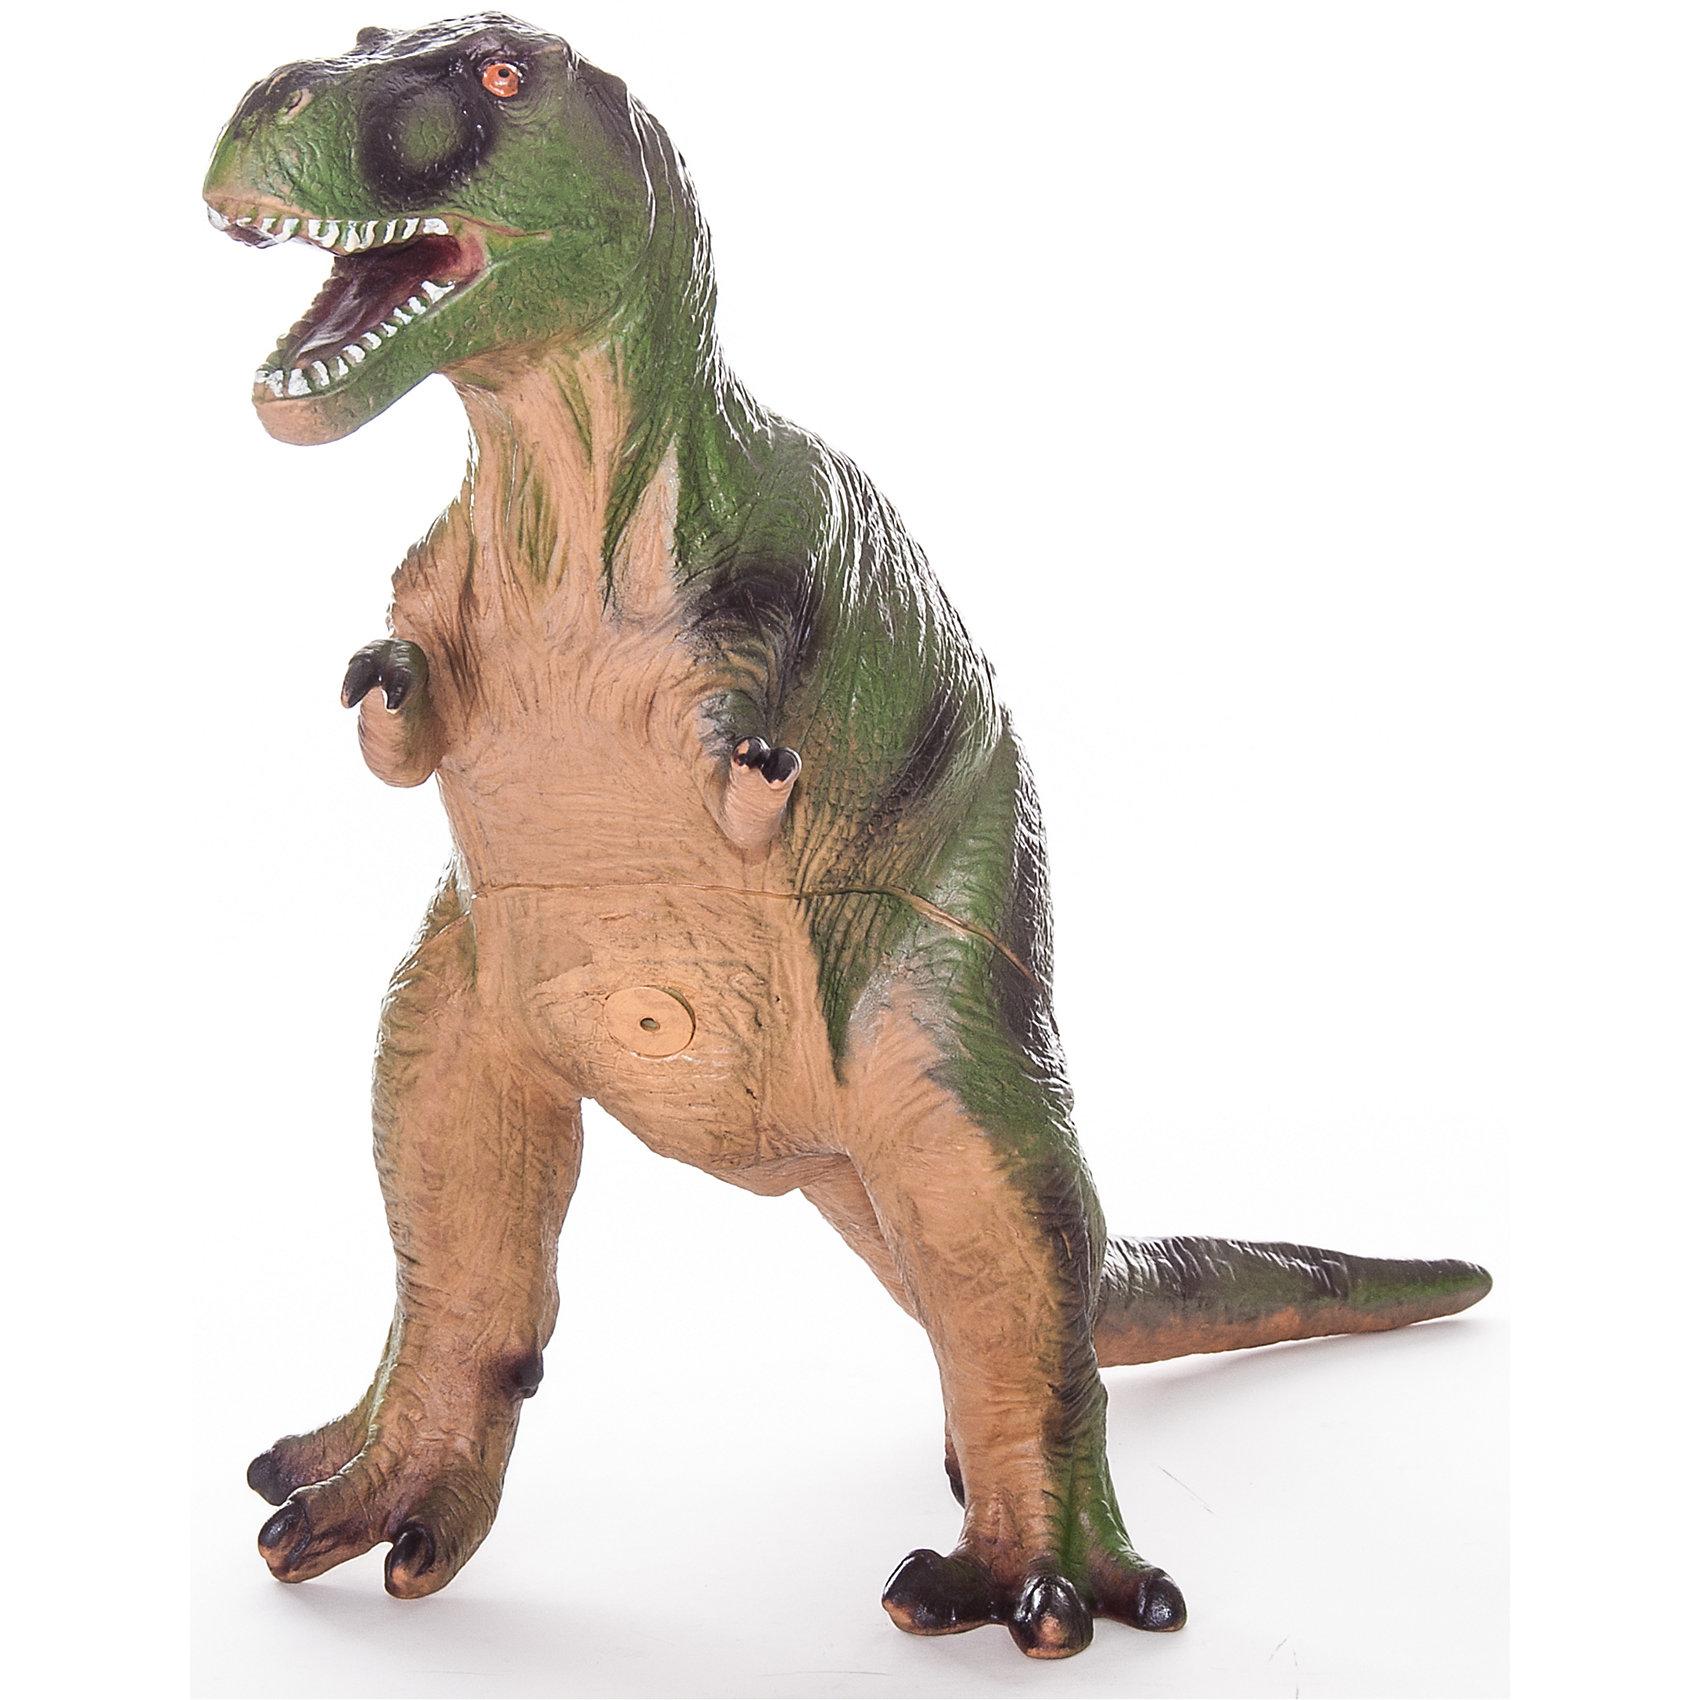 Фигурка динозавра Дасплетозавр, HGLДетей всех возрастов привлекают фильмы и рассказы о доисторических временах и чудесных динозаврах, населявших Землю до возникновения человека. Подстегните фантазию юного любителя древностей - подарите ему динозавра из серии игрушек HGL. Специалисты компании создавали игрушки максимально похожими на своих прародителей, поэтому динозавры HGL такие интересные. Дасплетозавр - фигурка огромного доисторического ящера. Он достигал в длину 10 метров, обладал огромной челюстью и по мнению ученых, питался другими динозаврами. Дасплетозавр был очень быстрым, благодаря тому, что легко передвигался на задних мощных лапах. Он был одним из самых опасных хищников, населявших Землю более 75 миллионов лет тому назад. Ни одна история об эре динозавров невозможна без этого одинокого хищника. Ребенок будет в восторге от такого замечательного подарка. Массивный динозавр сделан из мягкого ПВХ безопасного для ребенка. Внушительные размеры и отличная детализация Дасплетозавра помогут ребенку окунуться в далекий и такой манящий доисторический мир, полный приключений.<br><br>Дополнительная информация:<br><br>- Внешний вид фигурки основан на реальных данных палеонтологов;<br>- Материал: ПВХ;<br>- Размер фигурки: 40 см;<br>- Размер упаковки: 34 х 28 х 16 см;<br>- Вес: 750 г<br><br>Фигурку динозавра Дасплетозавр, HGL можно купить в нашем интернет-магазине.<br><br>Ширина мм: 340<br>Глубина мм: 280<br>Высота мм: 160<br>Вес г: 750<br>Возраст от месяцев: 36<br>Возраст до месяцев: 192<br>Пол: Унисекс<br>Возраст: Детский<br>SKU: 4135939